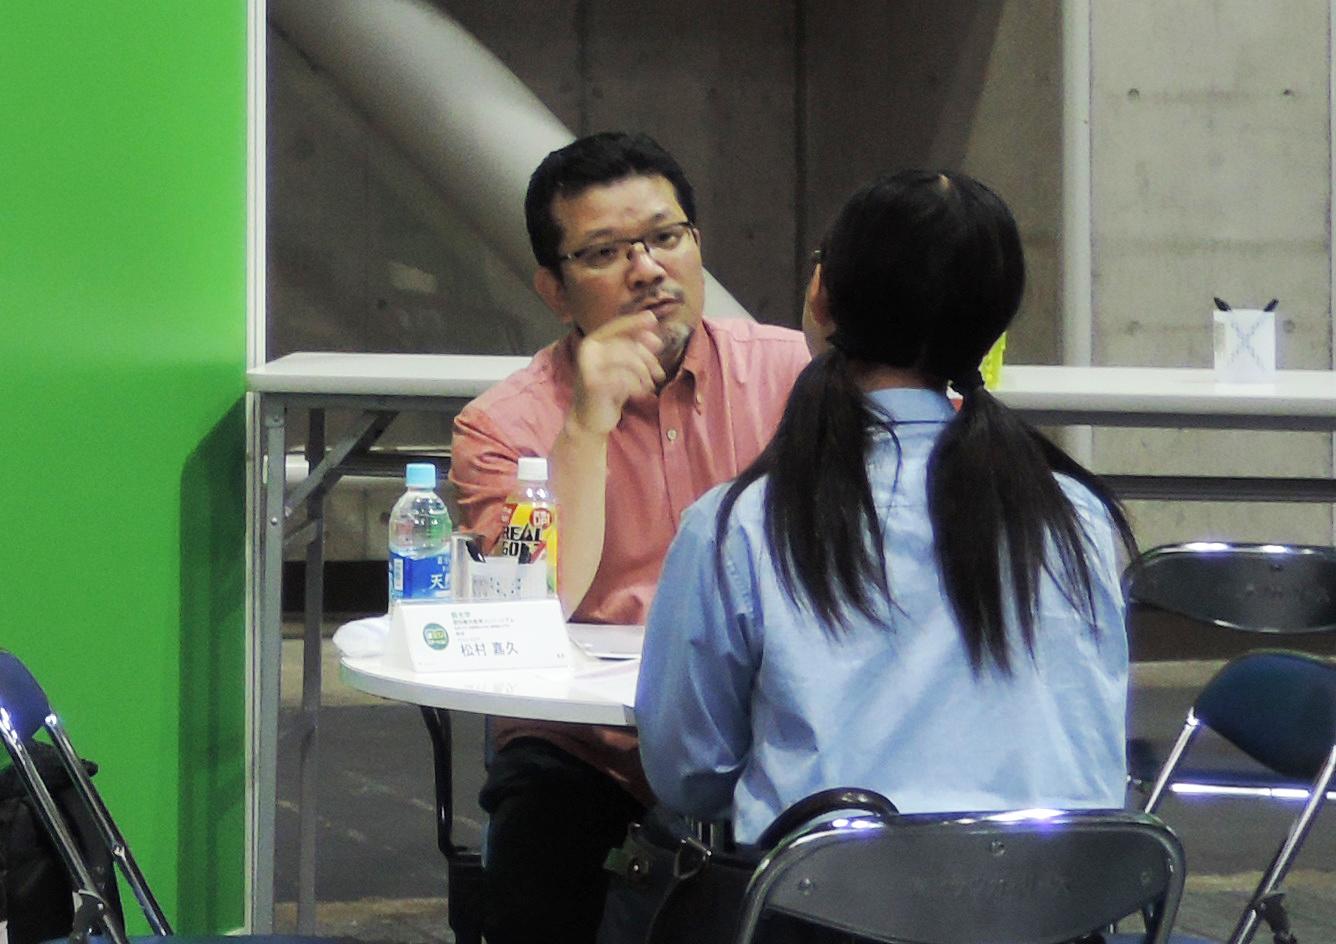 阪南大学 国際観光学部 国際観光学科 松村嘉久 先生